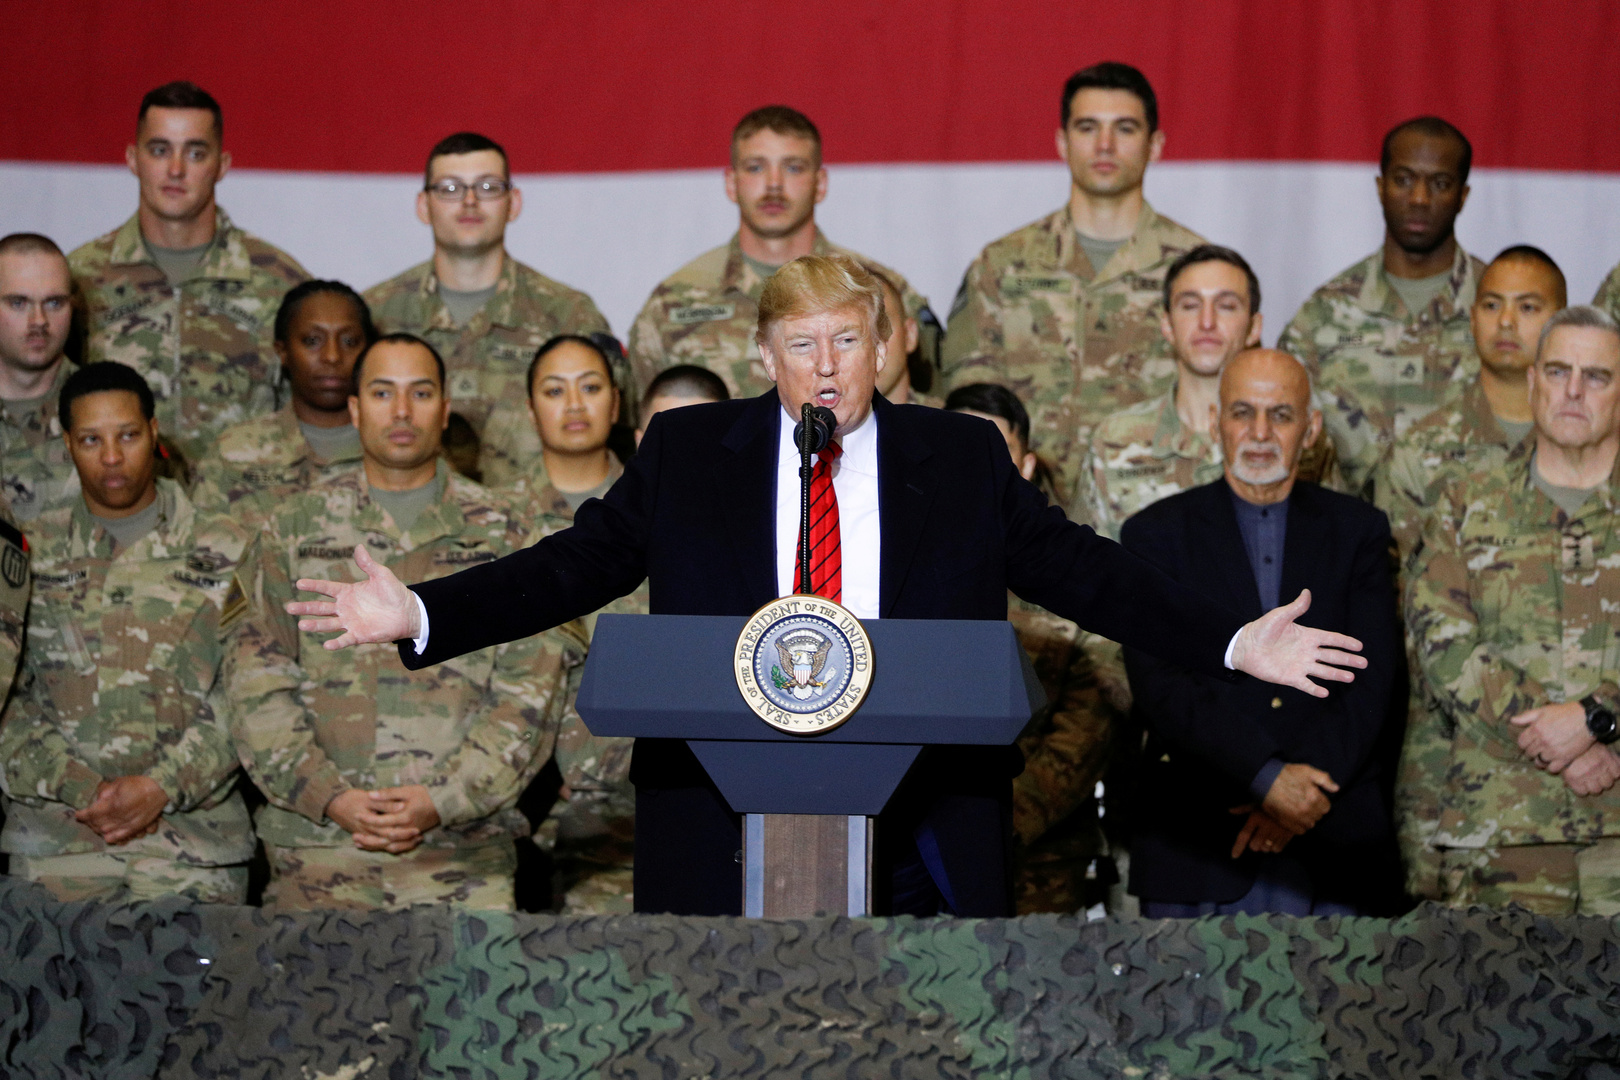 الرئيس الأمريكي، دونالد ترامب، خلال زيارته إلى قاعدة باغرام العسكرية في أفغانستان (28 نوفمبر 2019)